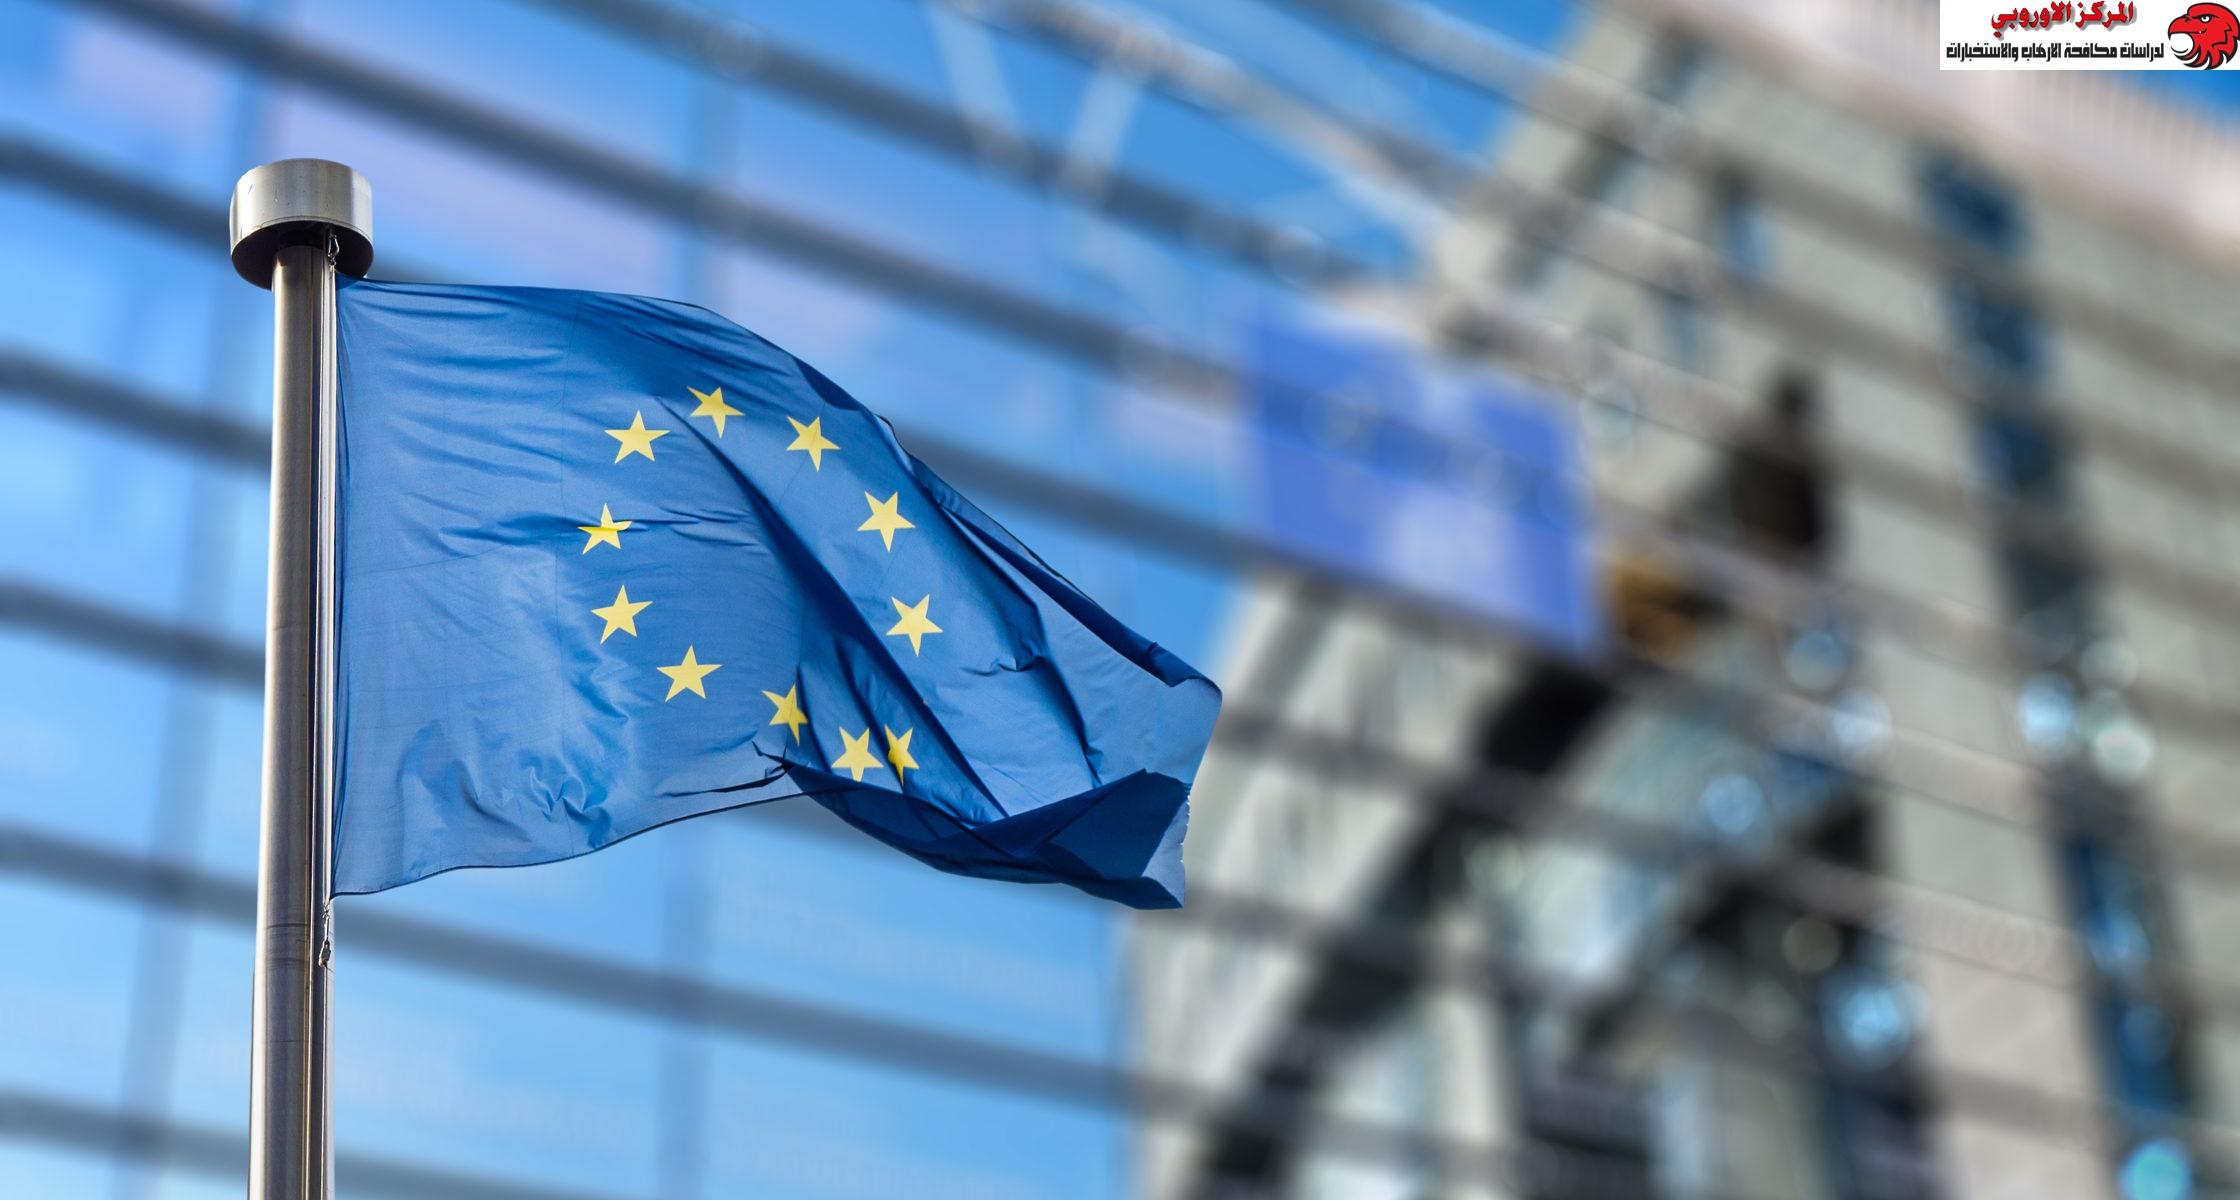 مساعى الاتحاد الأوروبي لمواجهة الخطاب المتطرف على الإنترنت